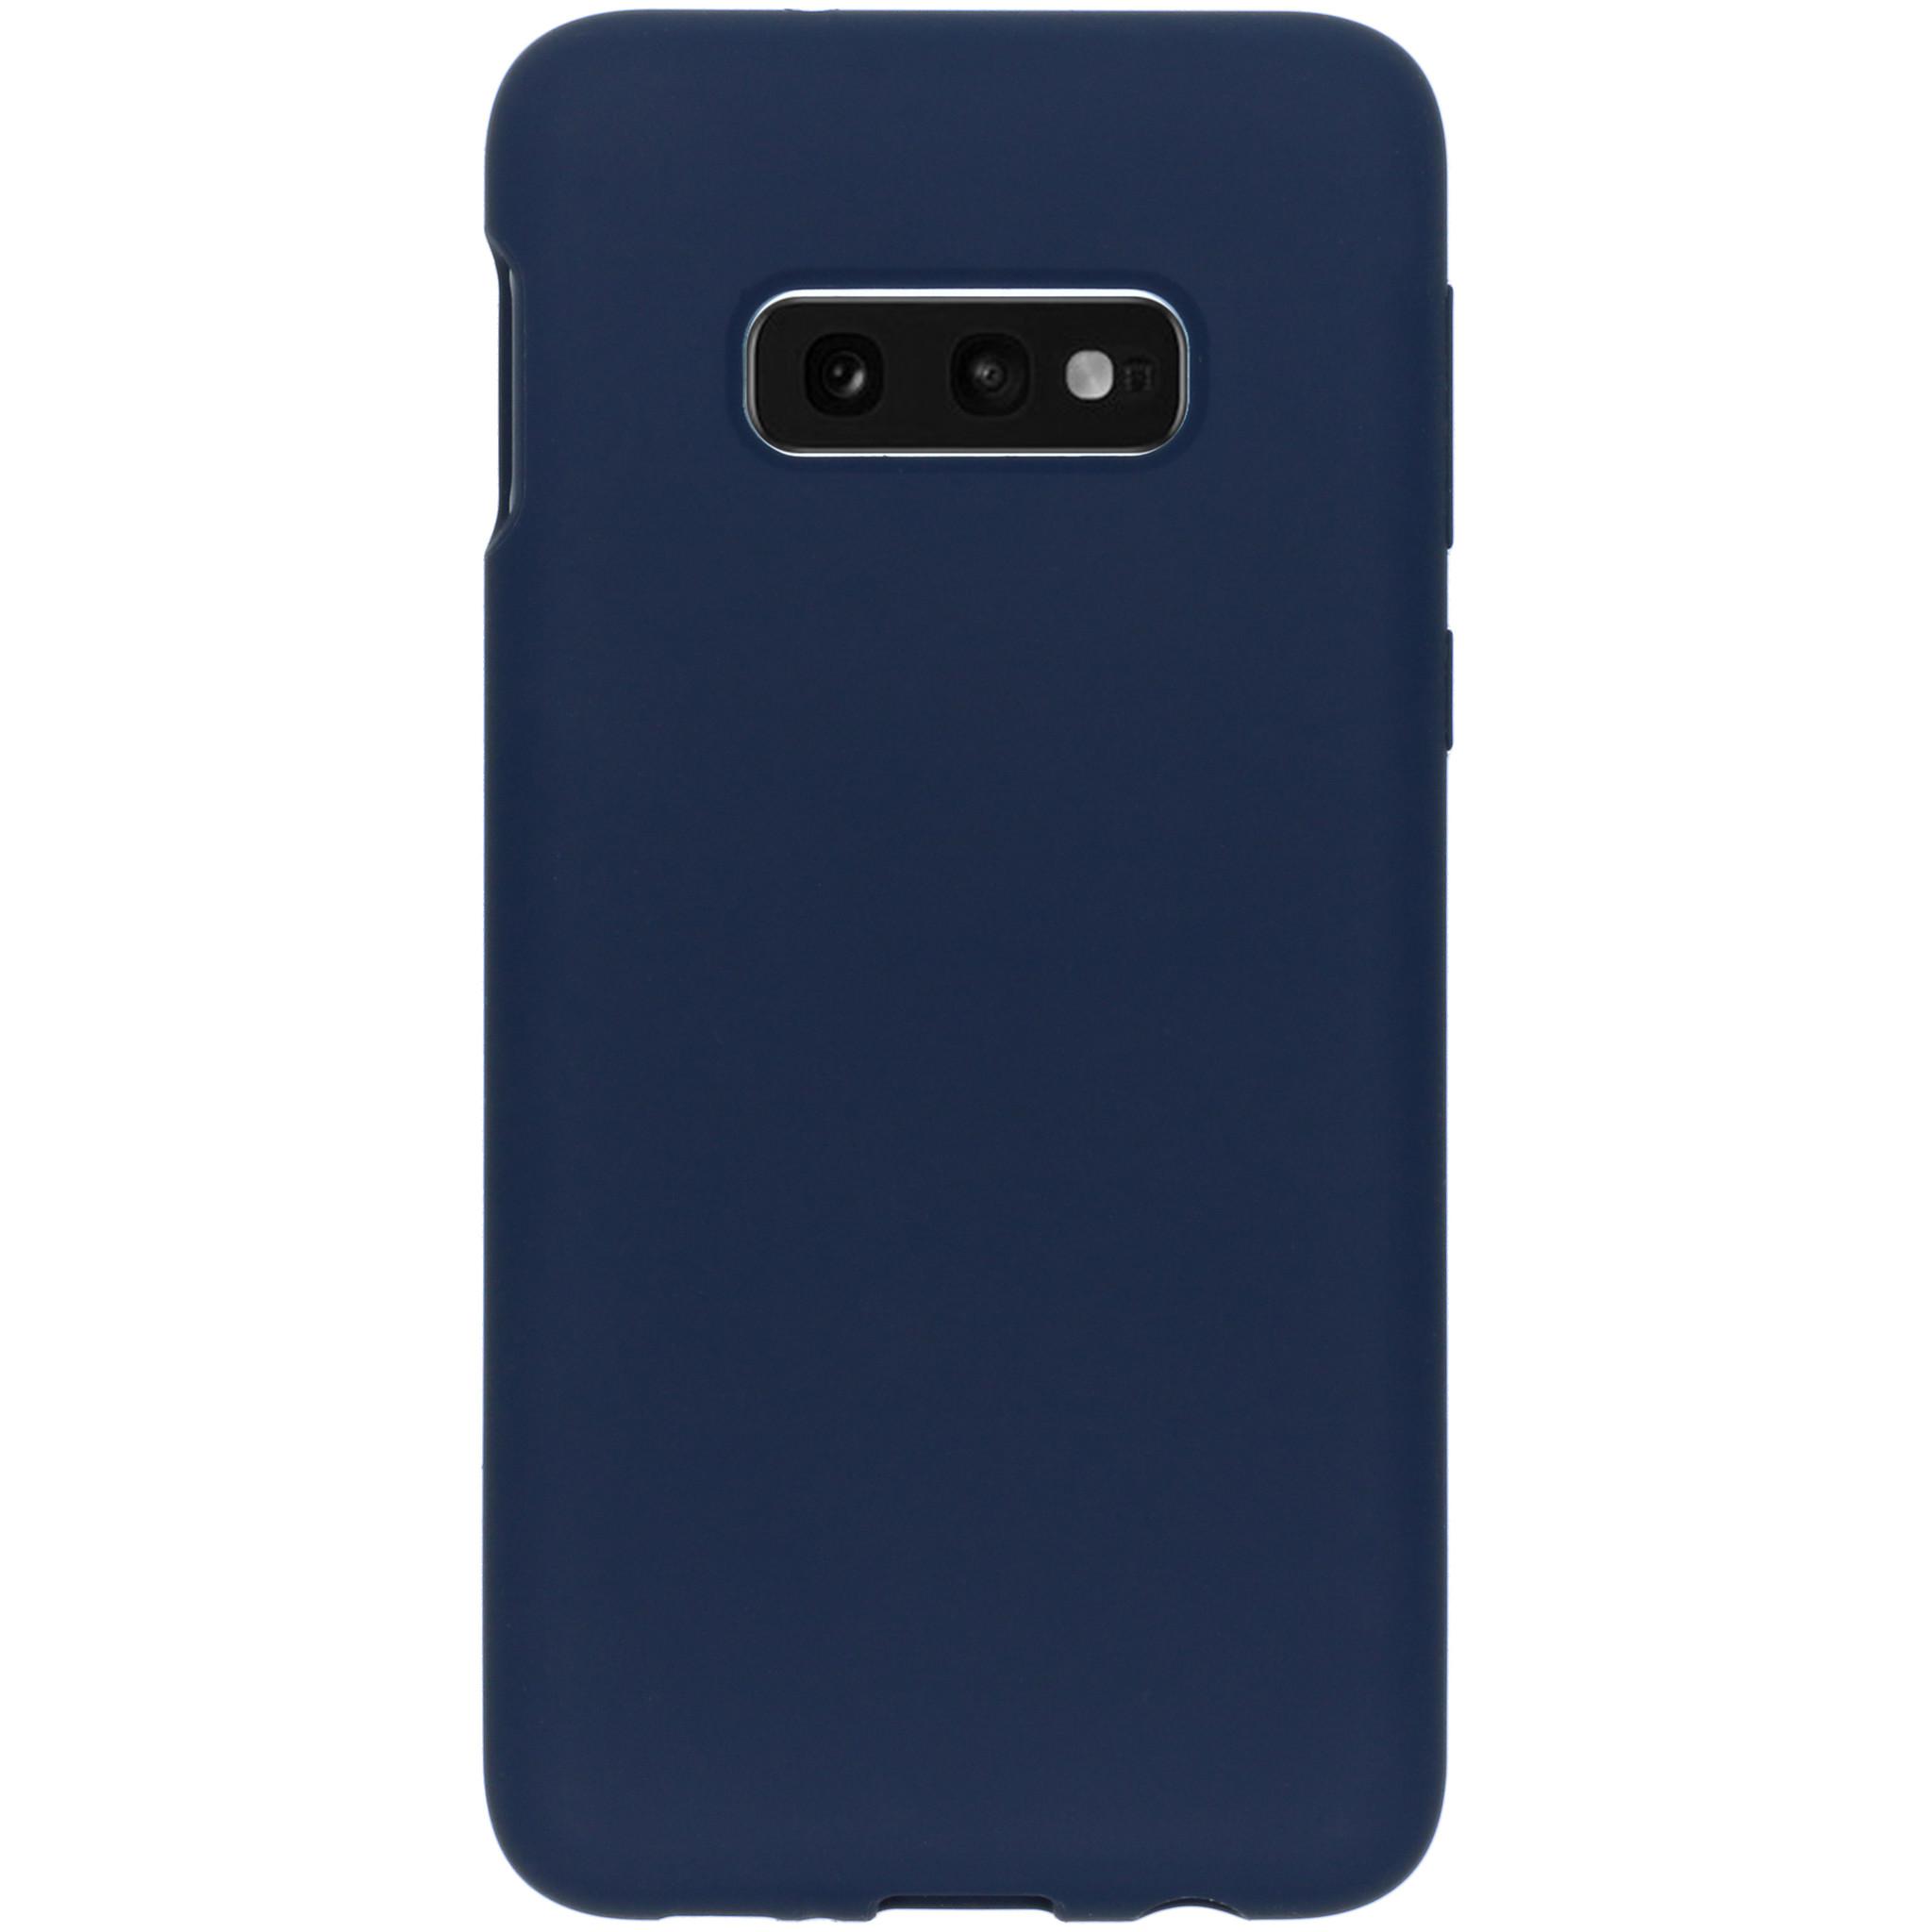 Accezz Liquid Silikoncase Blau für das Samsung Galaxy S10e